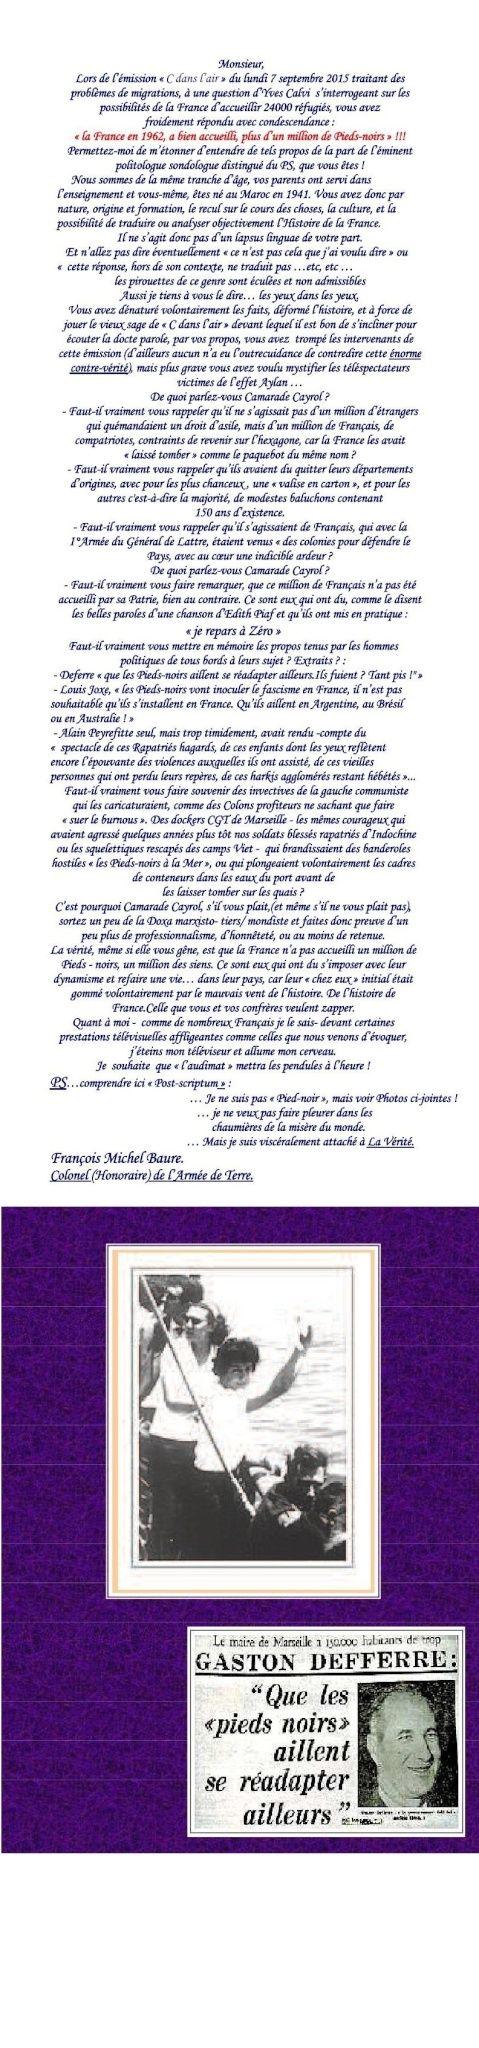 CRIS DE DETRESSE: Voila ce que certains médias nous cachent, l'interview et le cri de colère d'une calaisienne en détresse qui nous raconte la réalité de se que sa mère subit au quotidien depuis l'implantation du camp Jules Ferry. - Page 2 Sans_t12